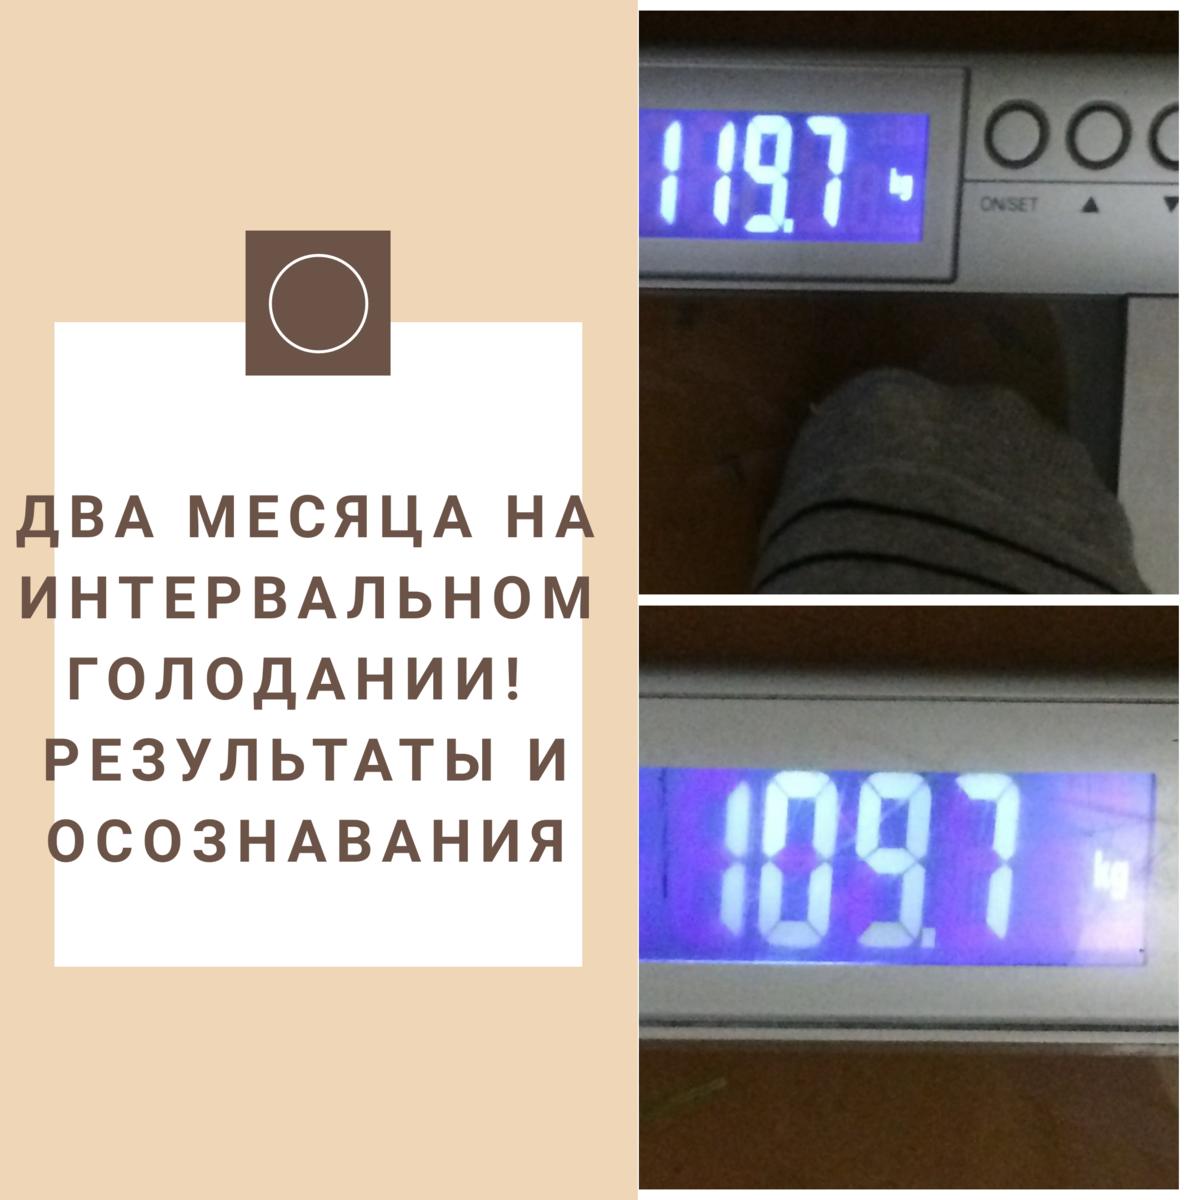 Интервальное голодание 16/8 для похудения: отзывы, меню